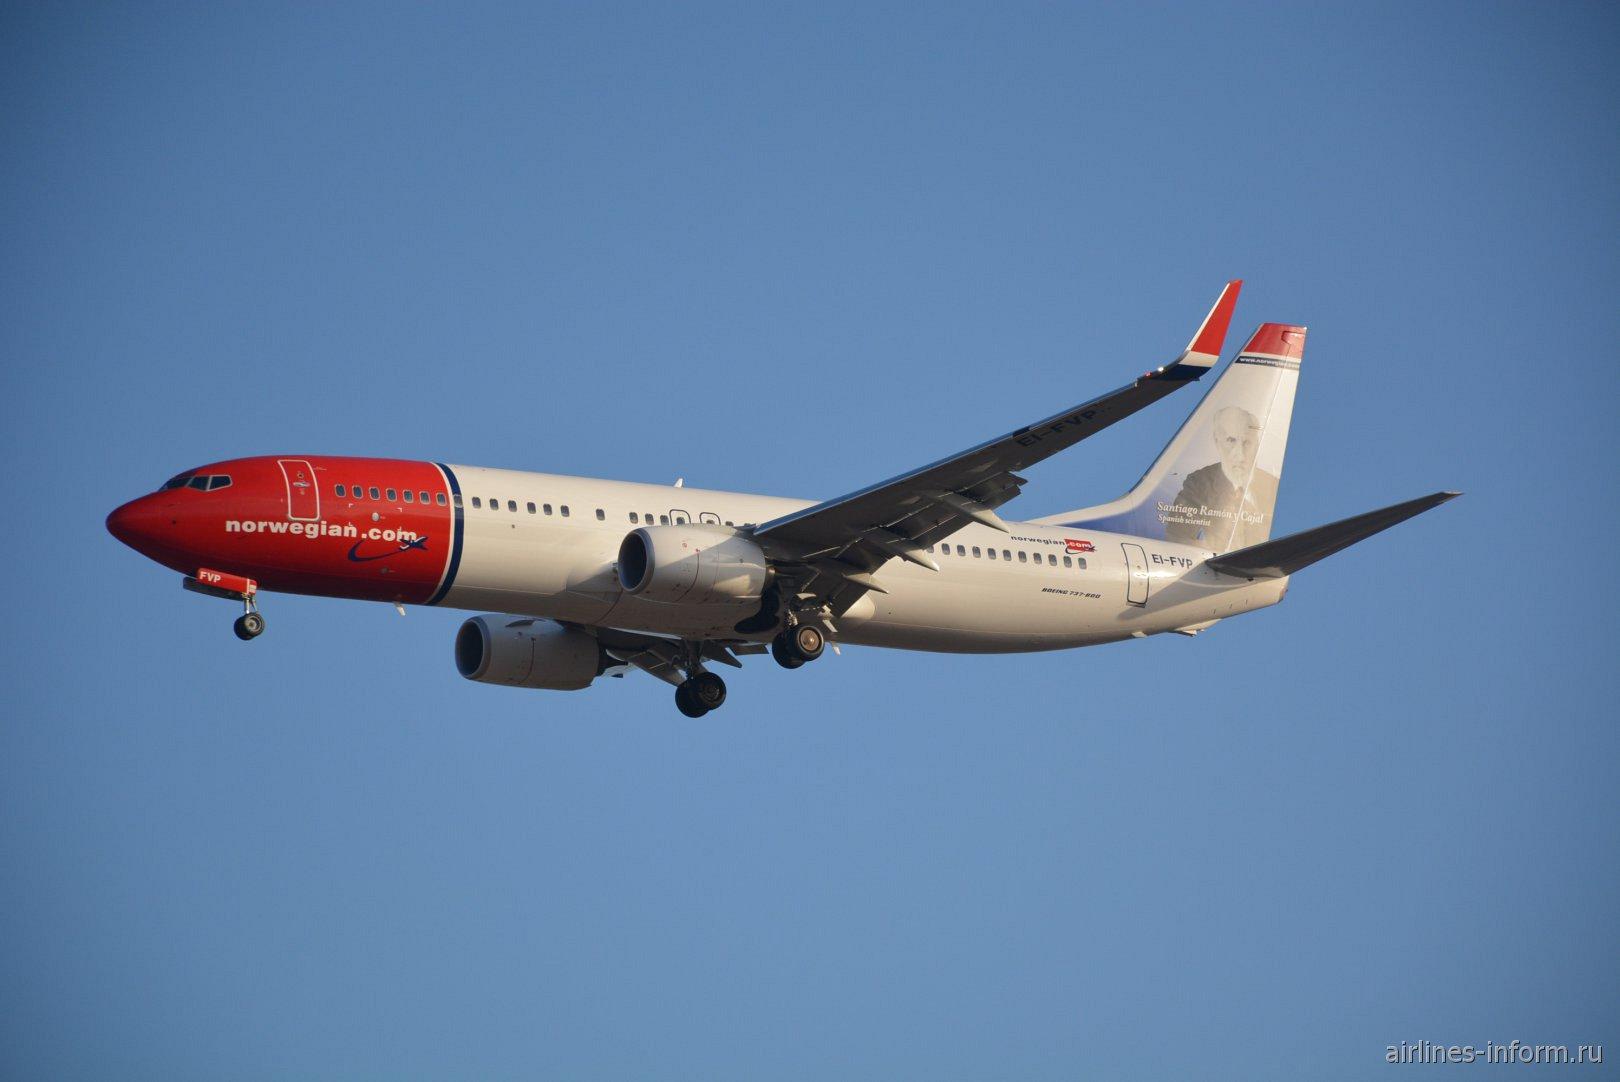 Boeing-737-800 с номером EI-FVP авиакомпании Norwegian